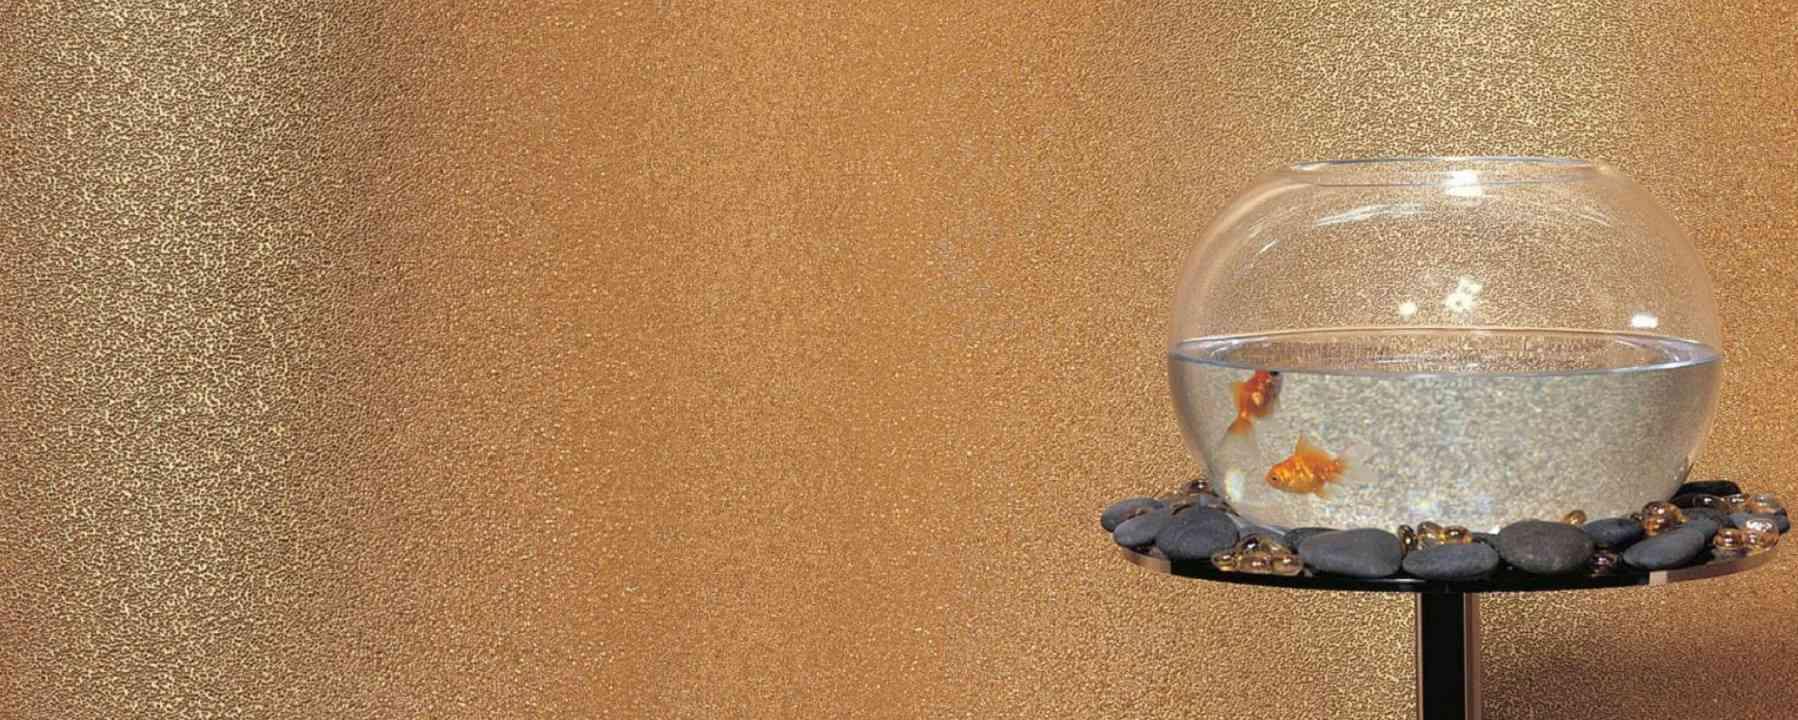 Revestimiento de pared de aspecto metálico con cuentas de vidrio